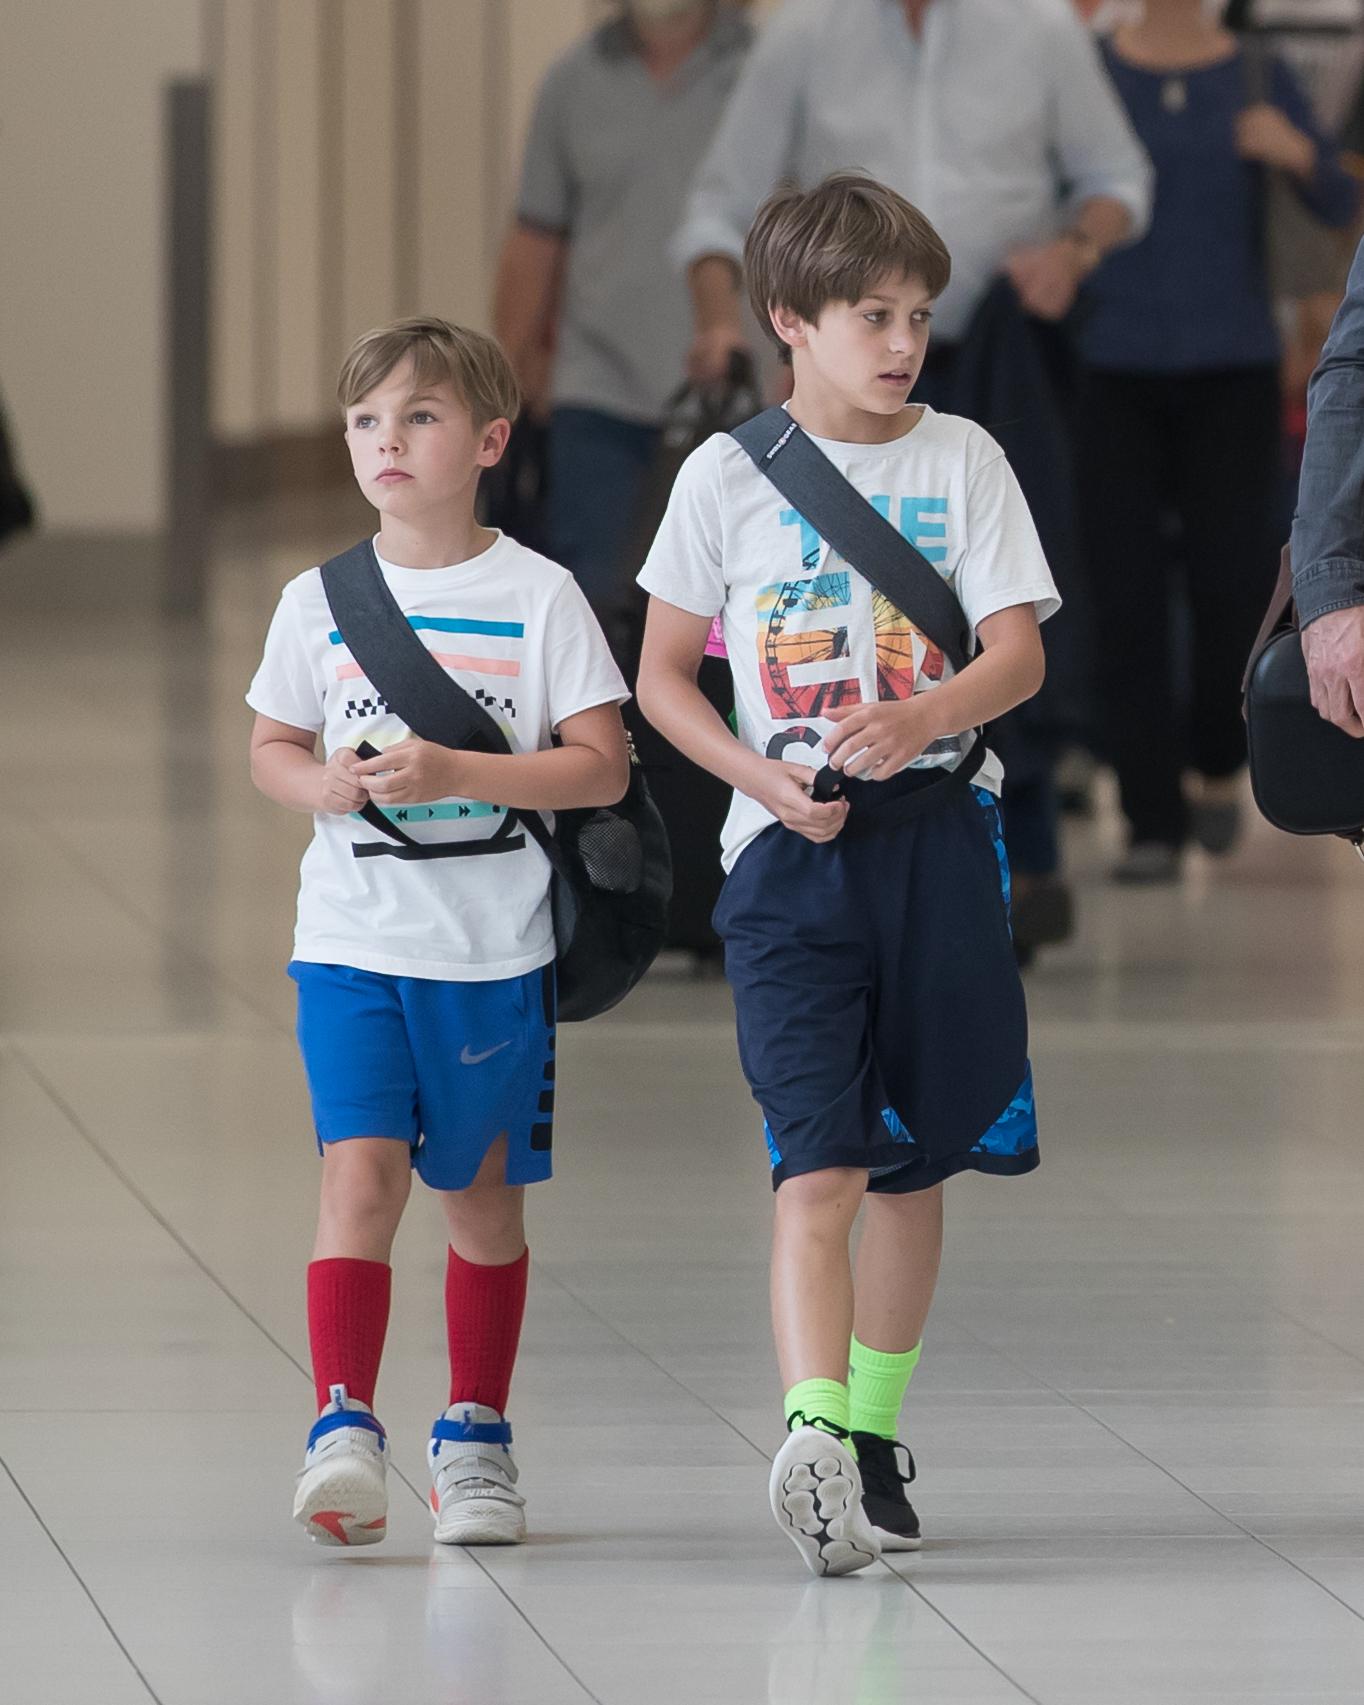 Sheryl Crow's kids, sons Levi and Wyatt